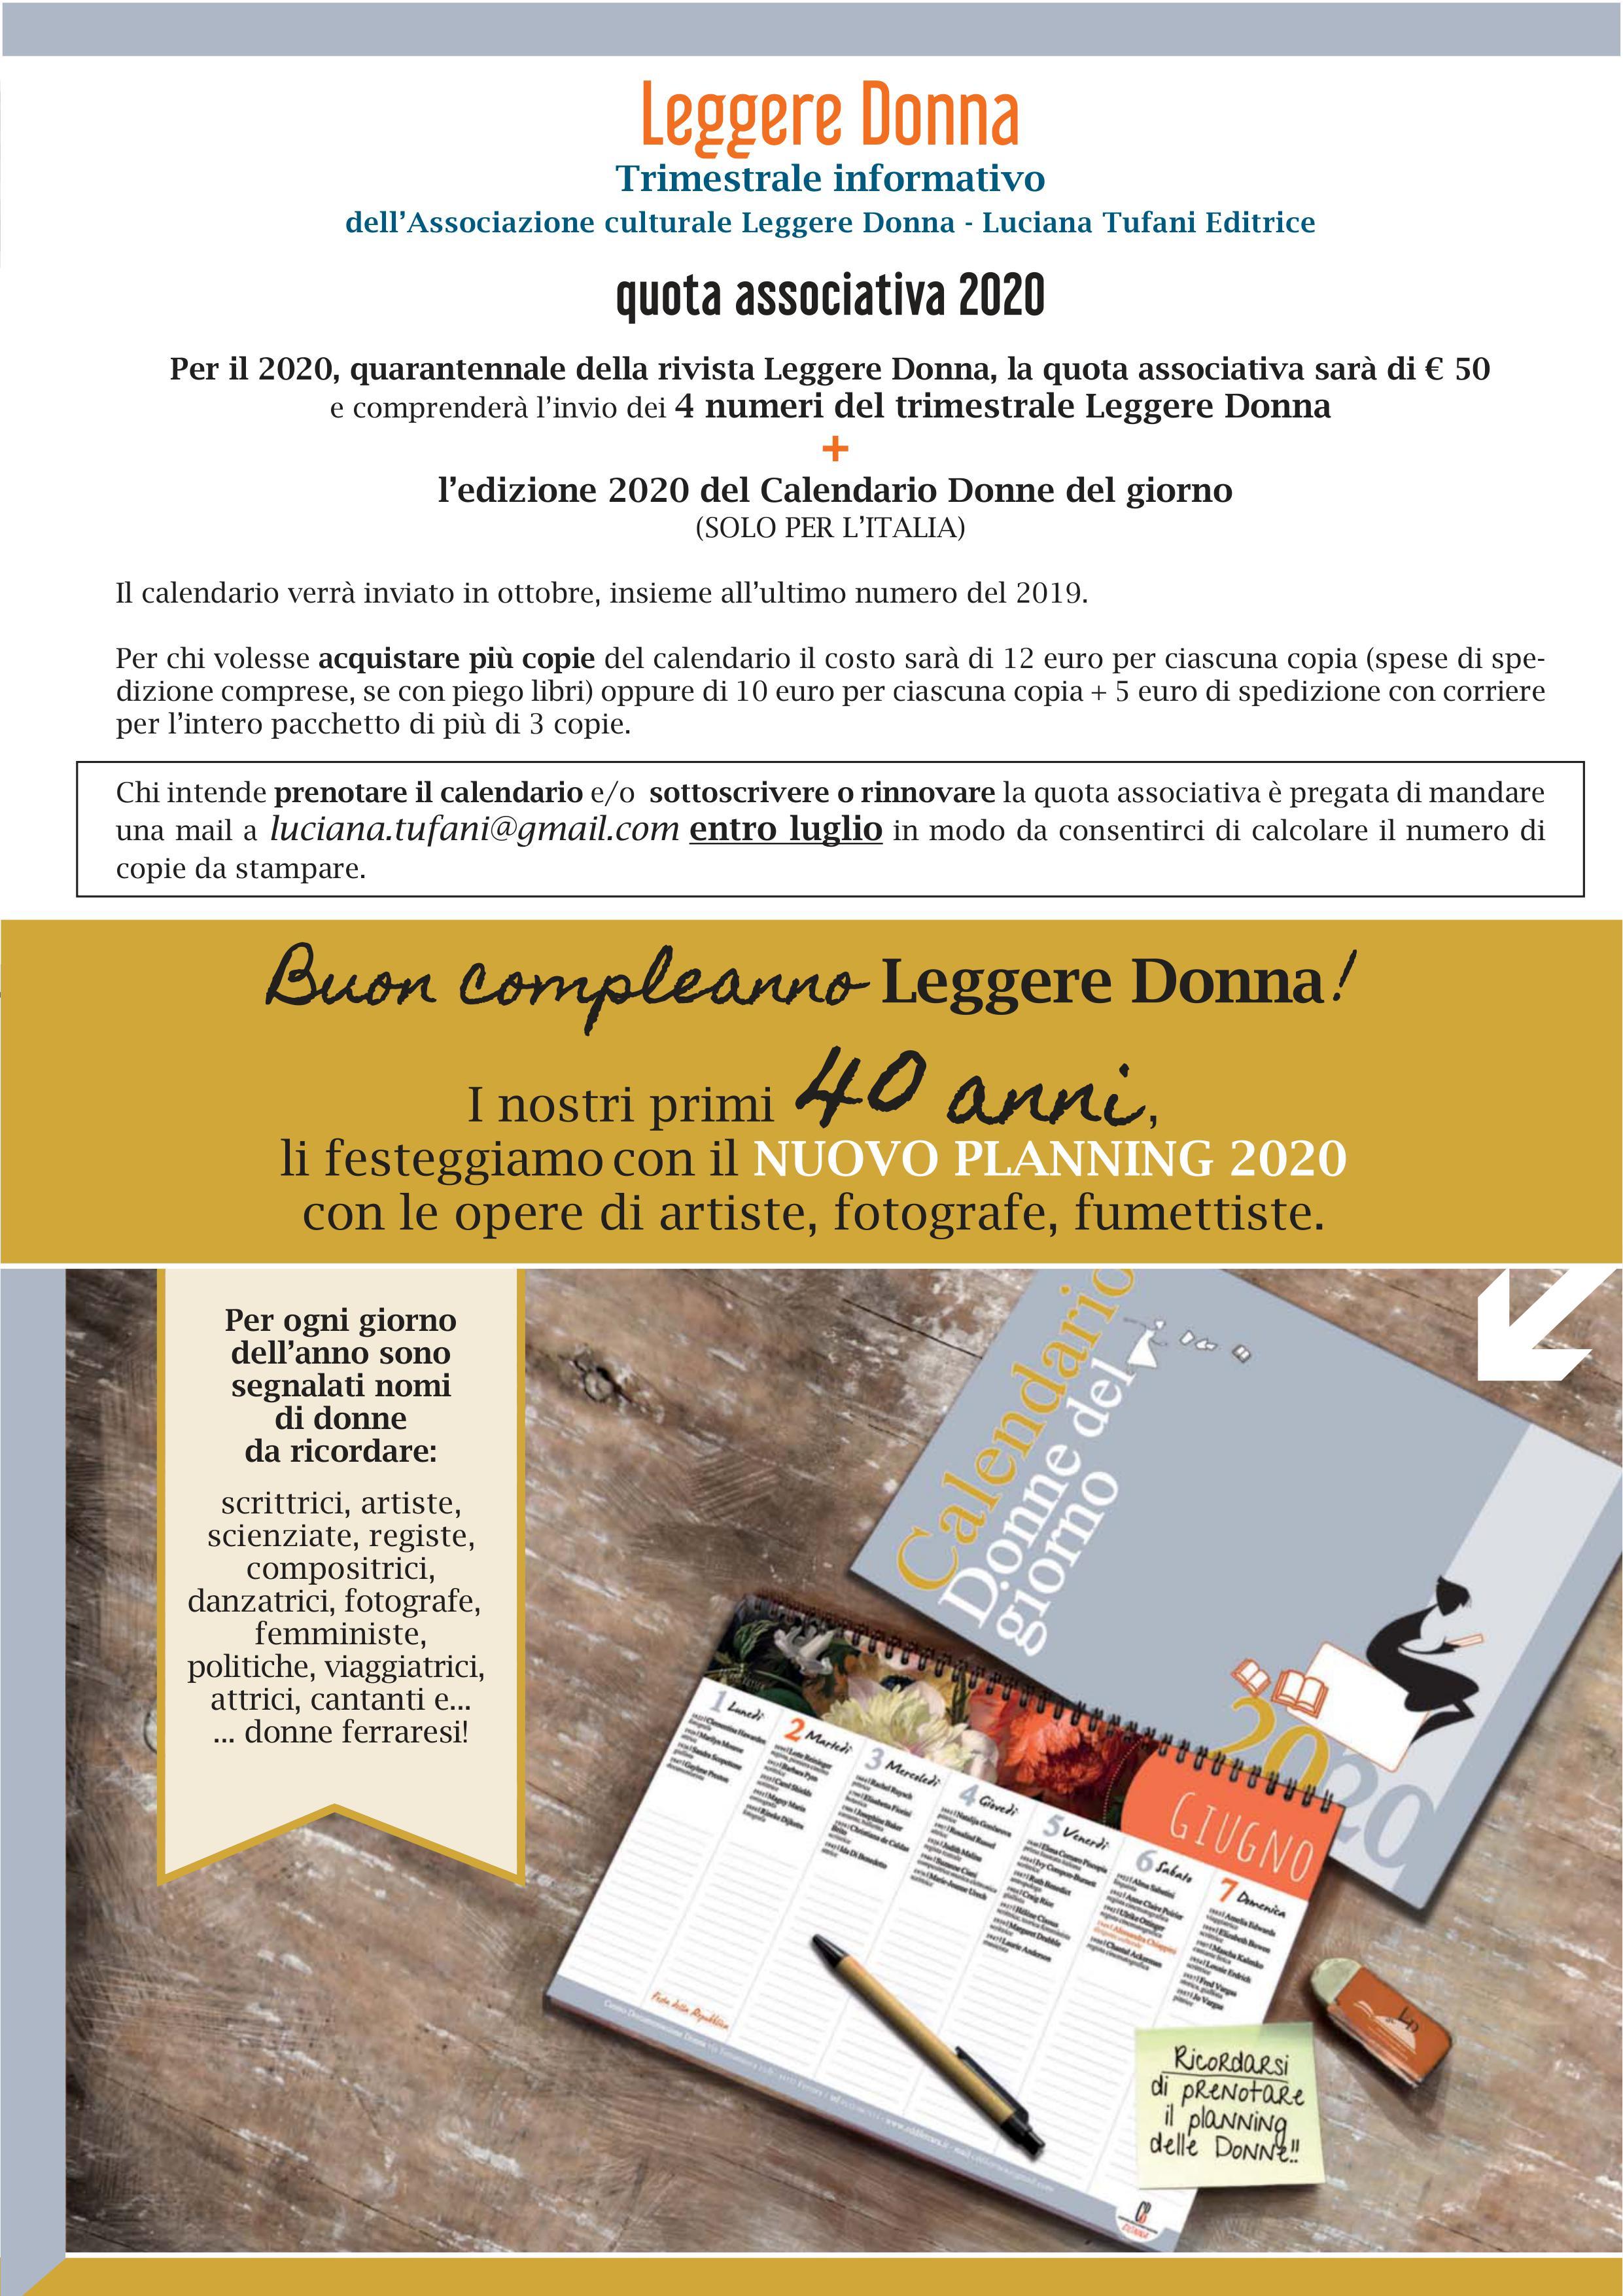 Calendario 2020 Donne.I Nostri Primi 40 Anni Associazione Culturale Leggere